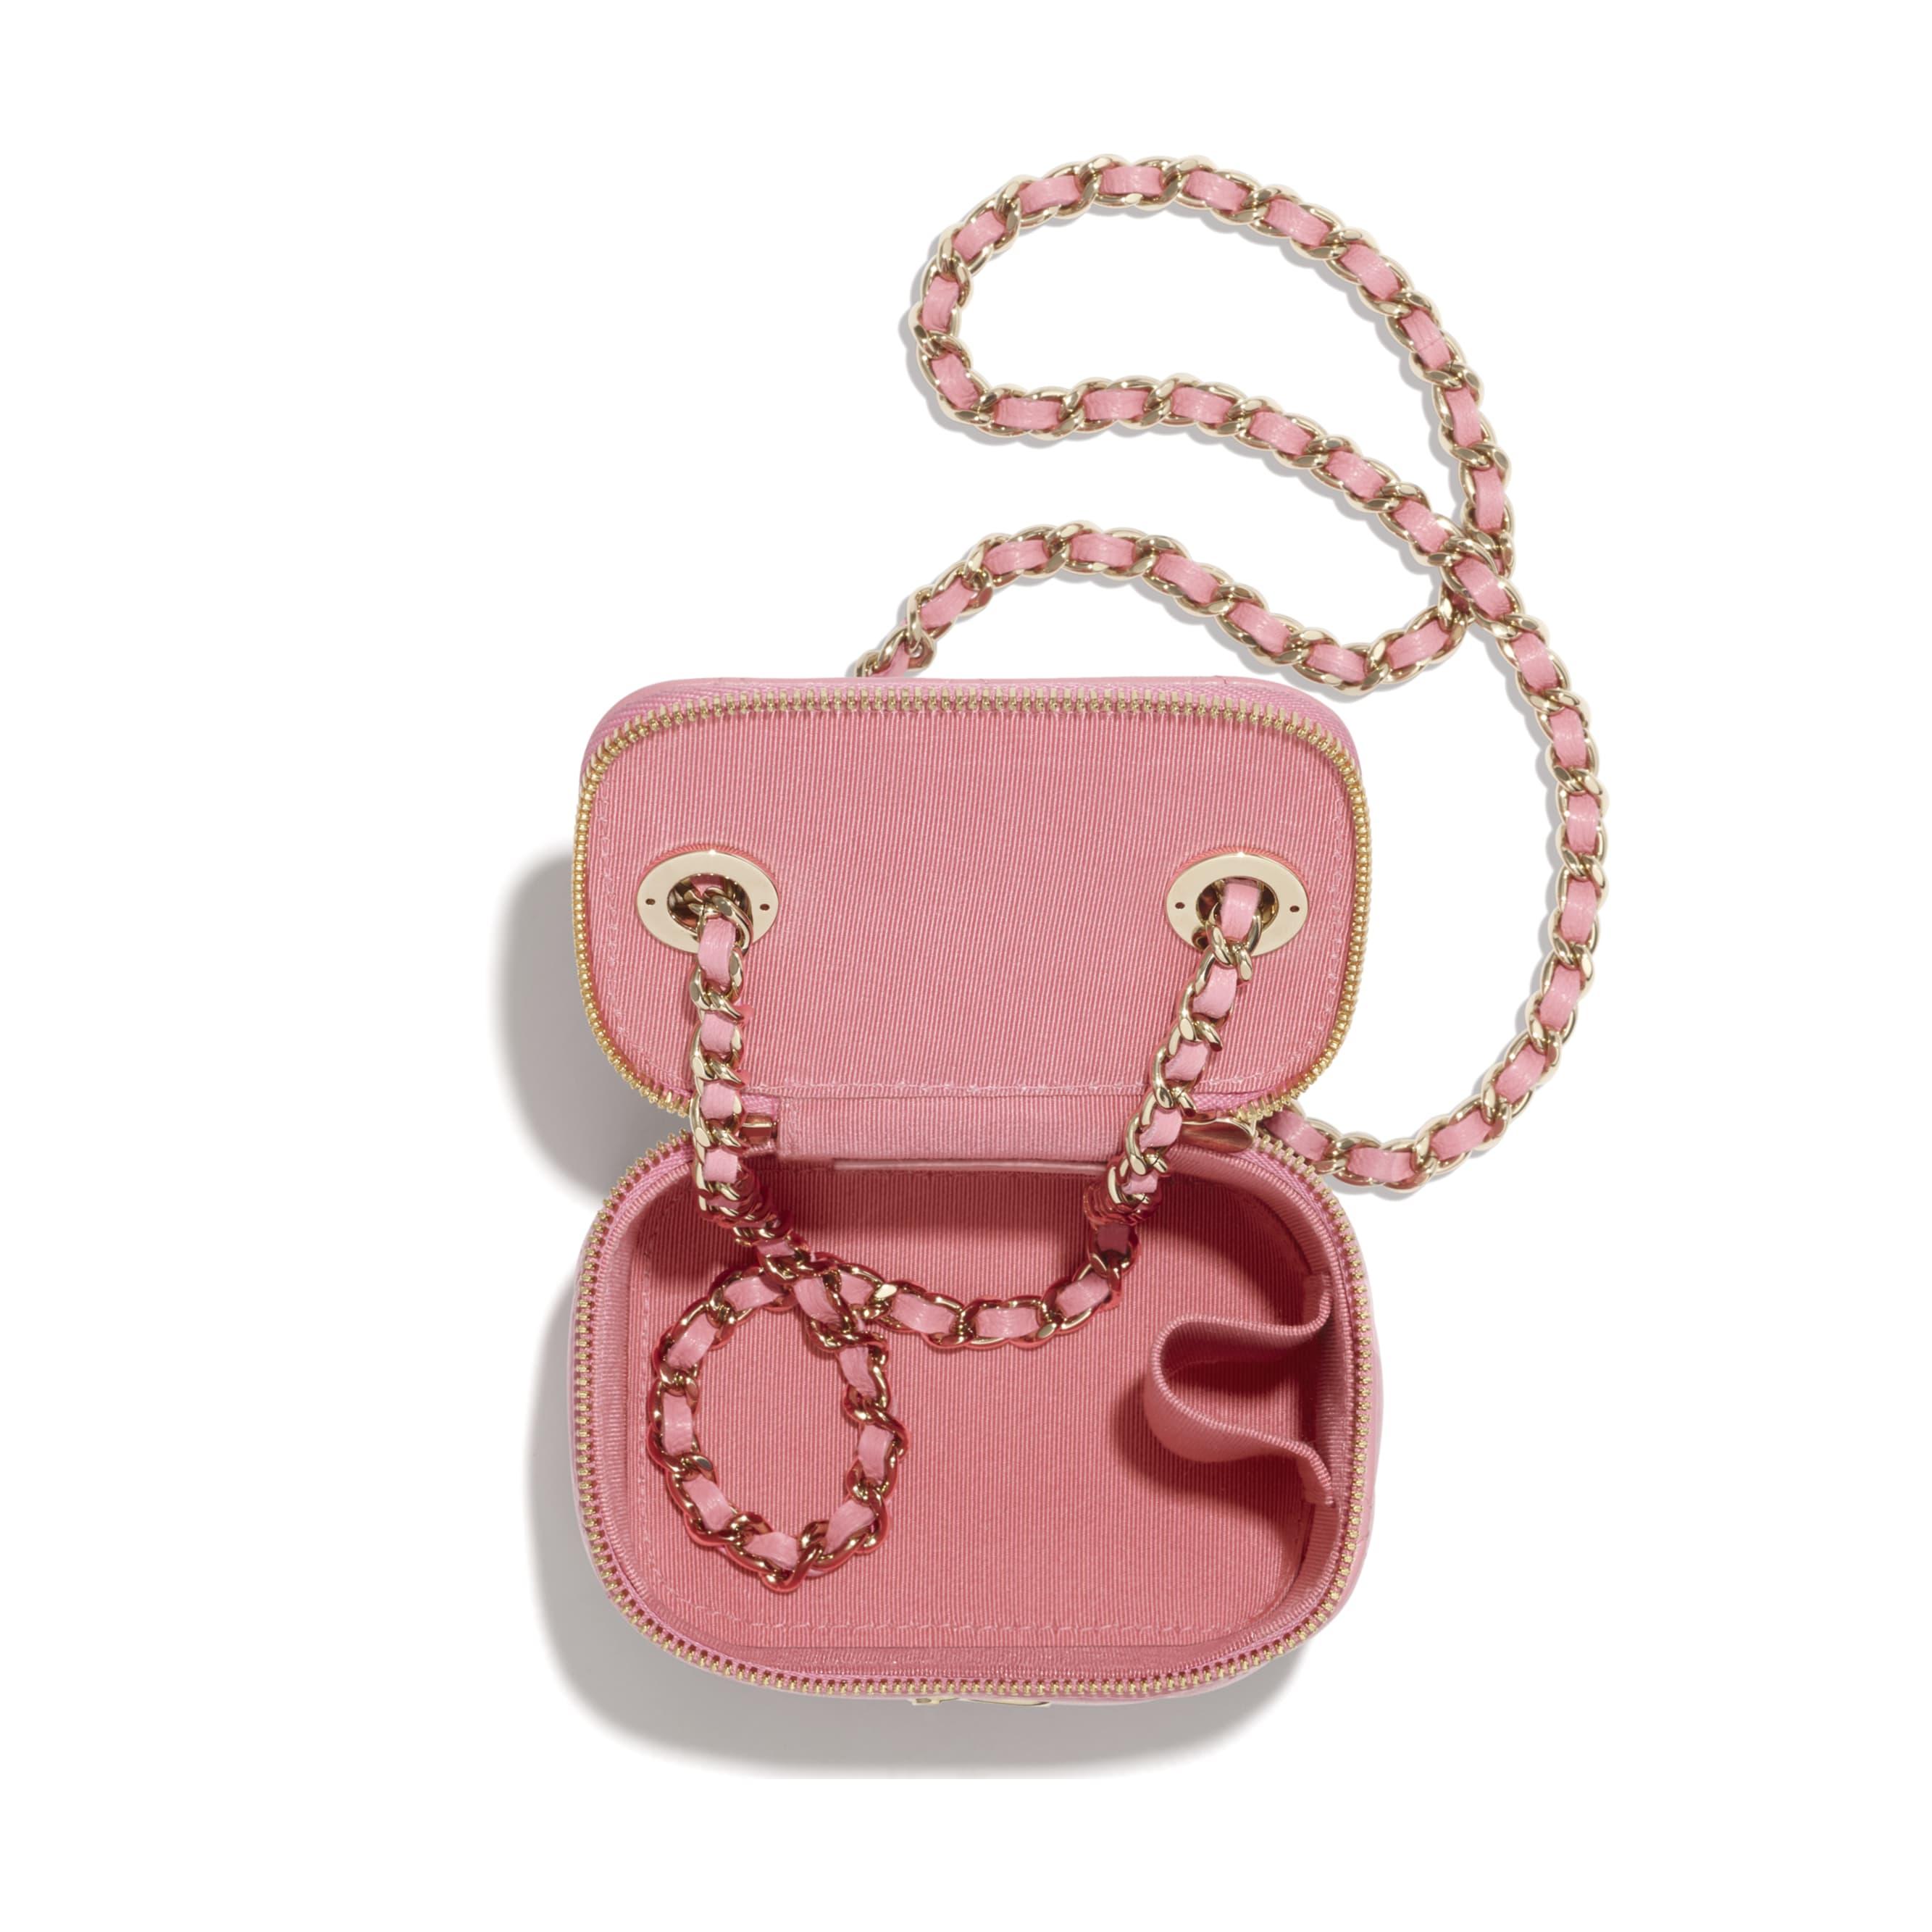 Mini necessaire com corrente - Pale Pink - Lambskin & Gold-Tone Metal - CHANEL - Outra vista - ver a versão em tamanho standard